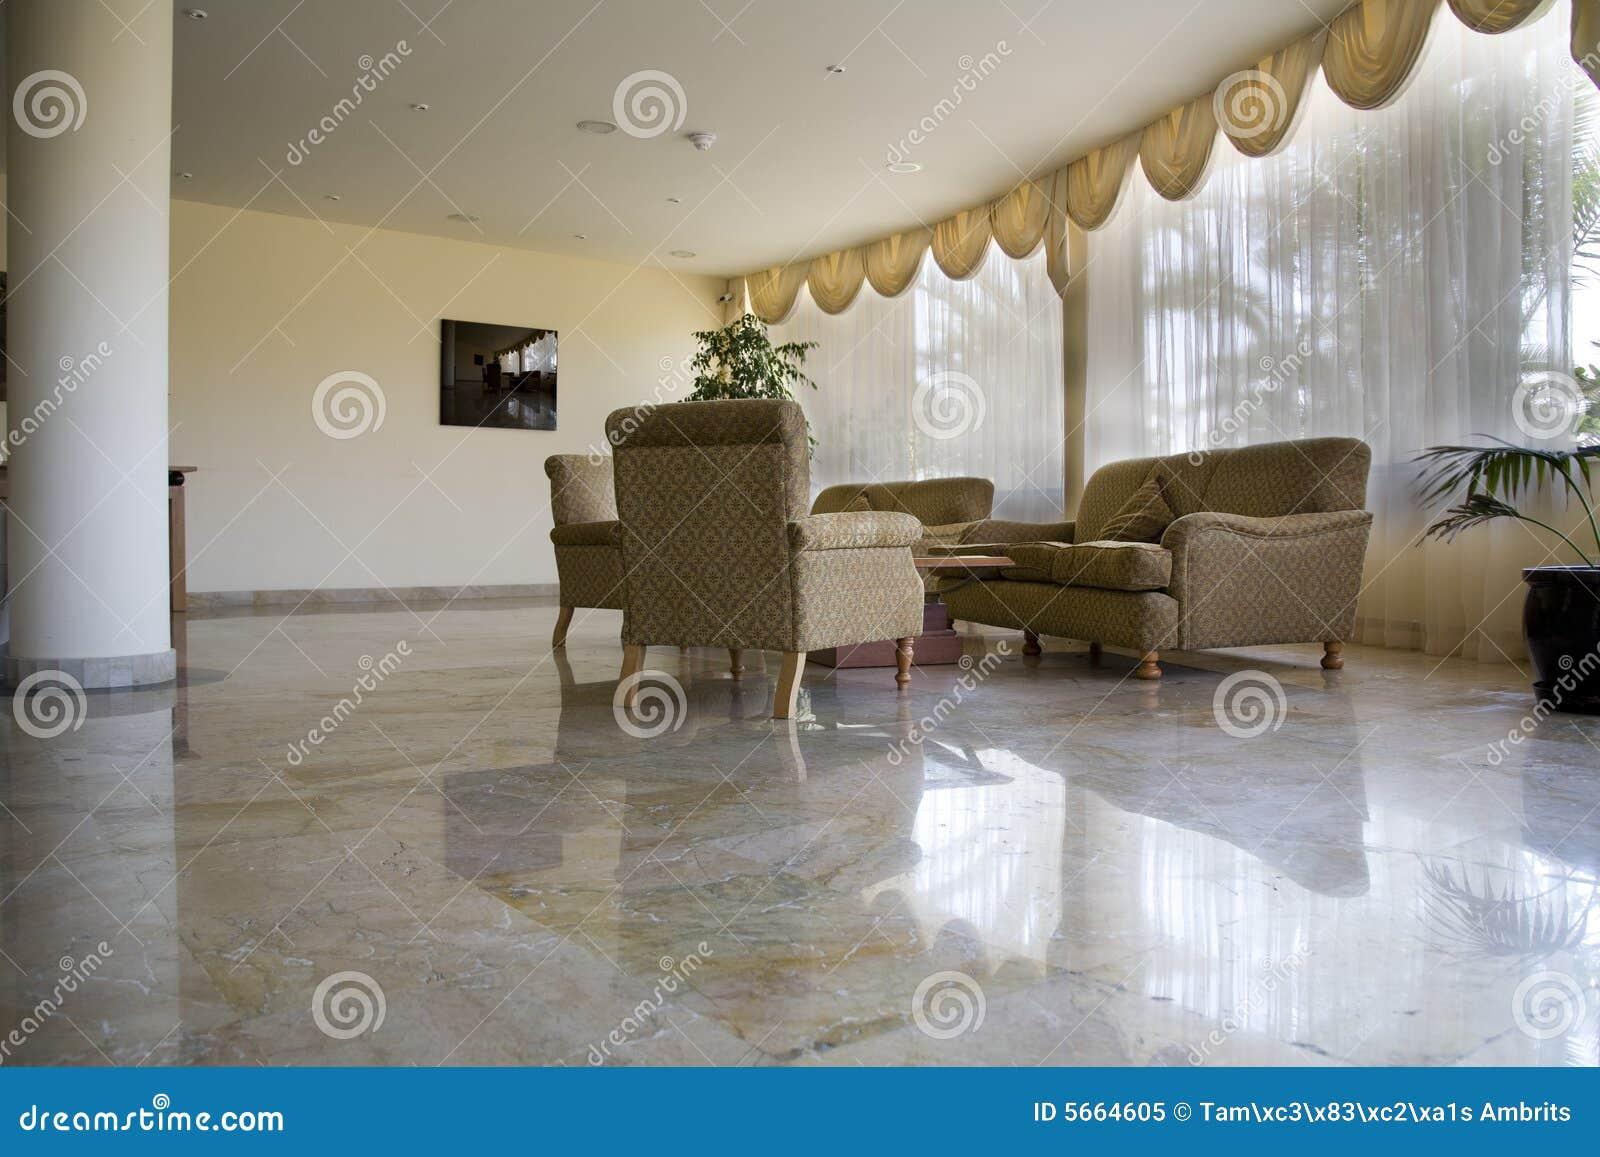 De zaal van het hotel royalty vrije stock foto afbeelding 5664605 - Versiering van de zaal van het tienermeisje van ...